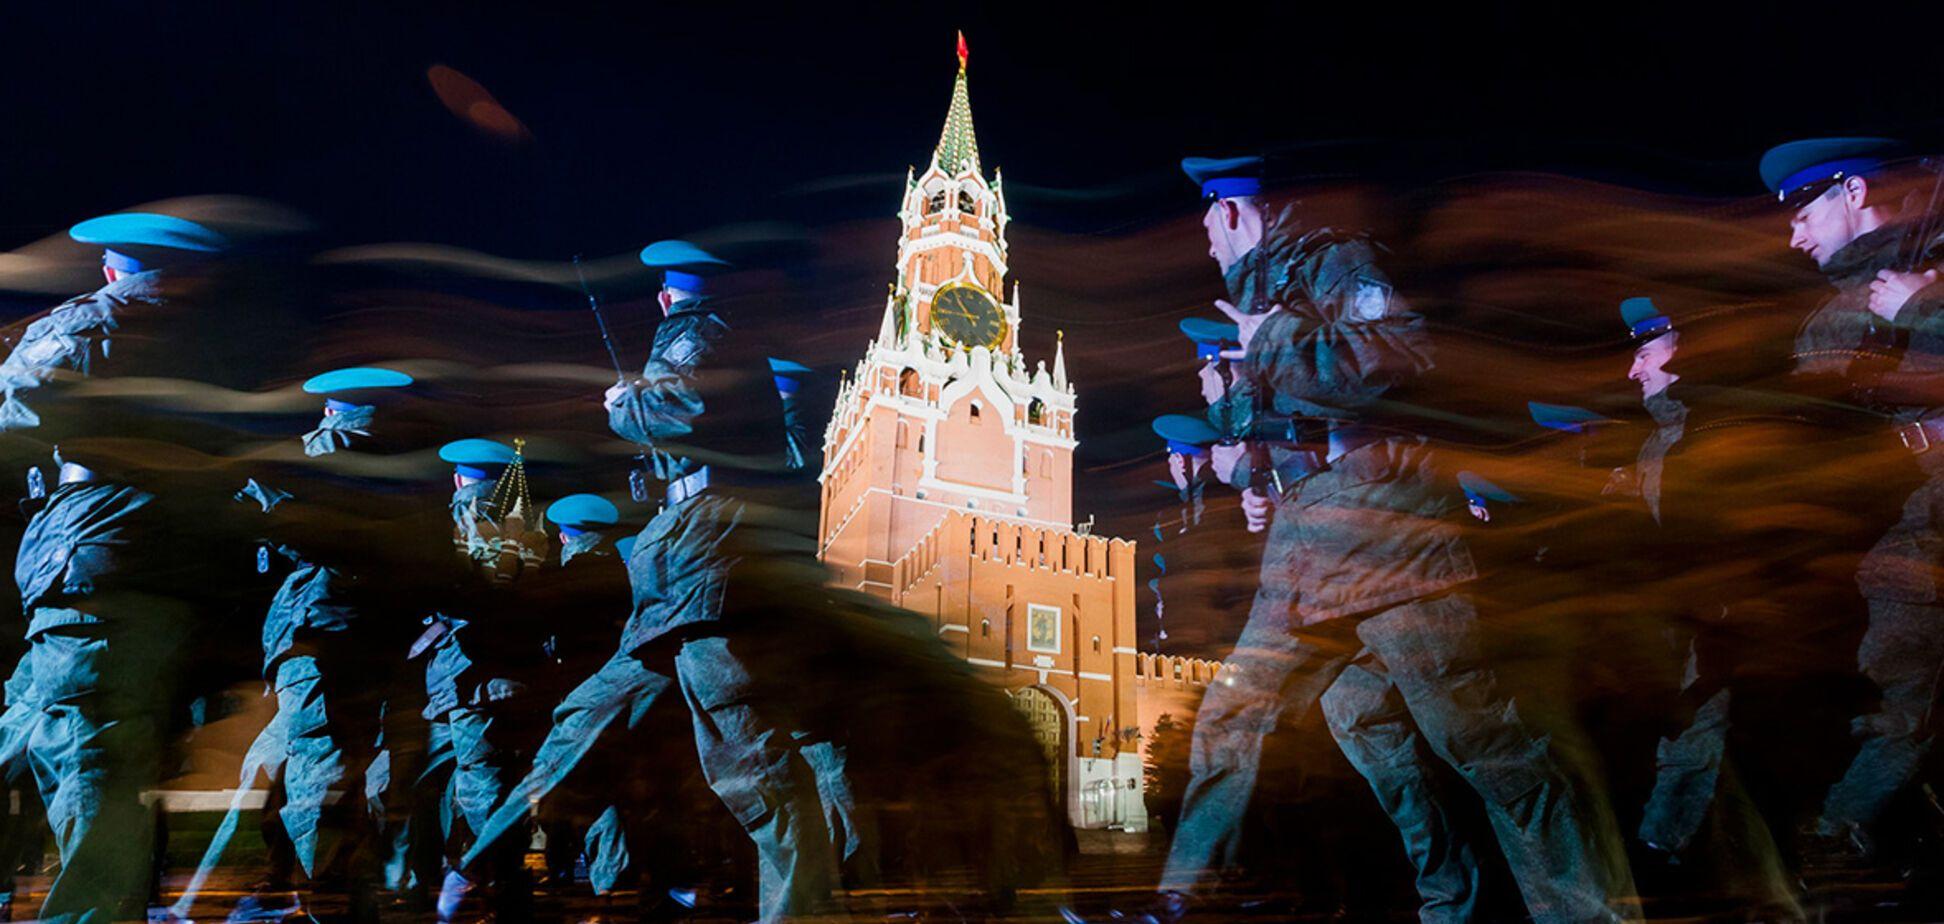 После кризиса Кремль будет метаться, как ощипанная курица. Хорошего в этом мало